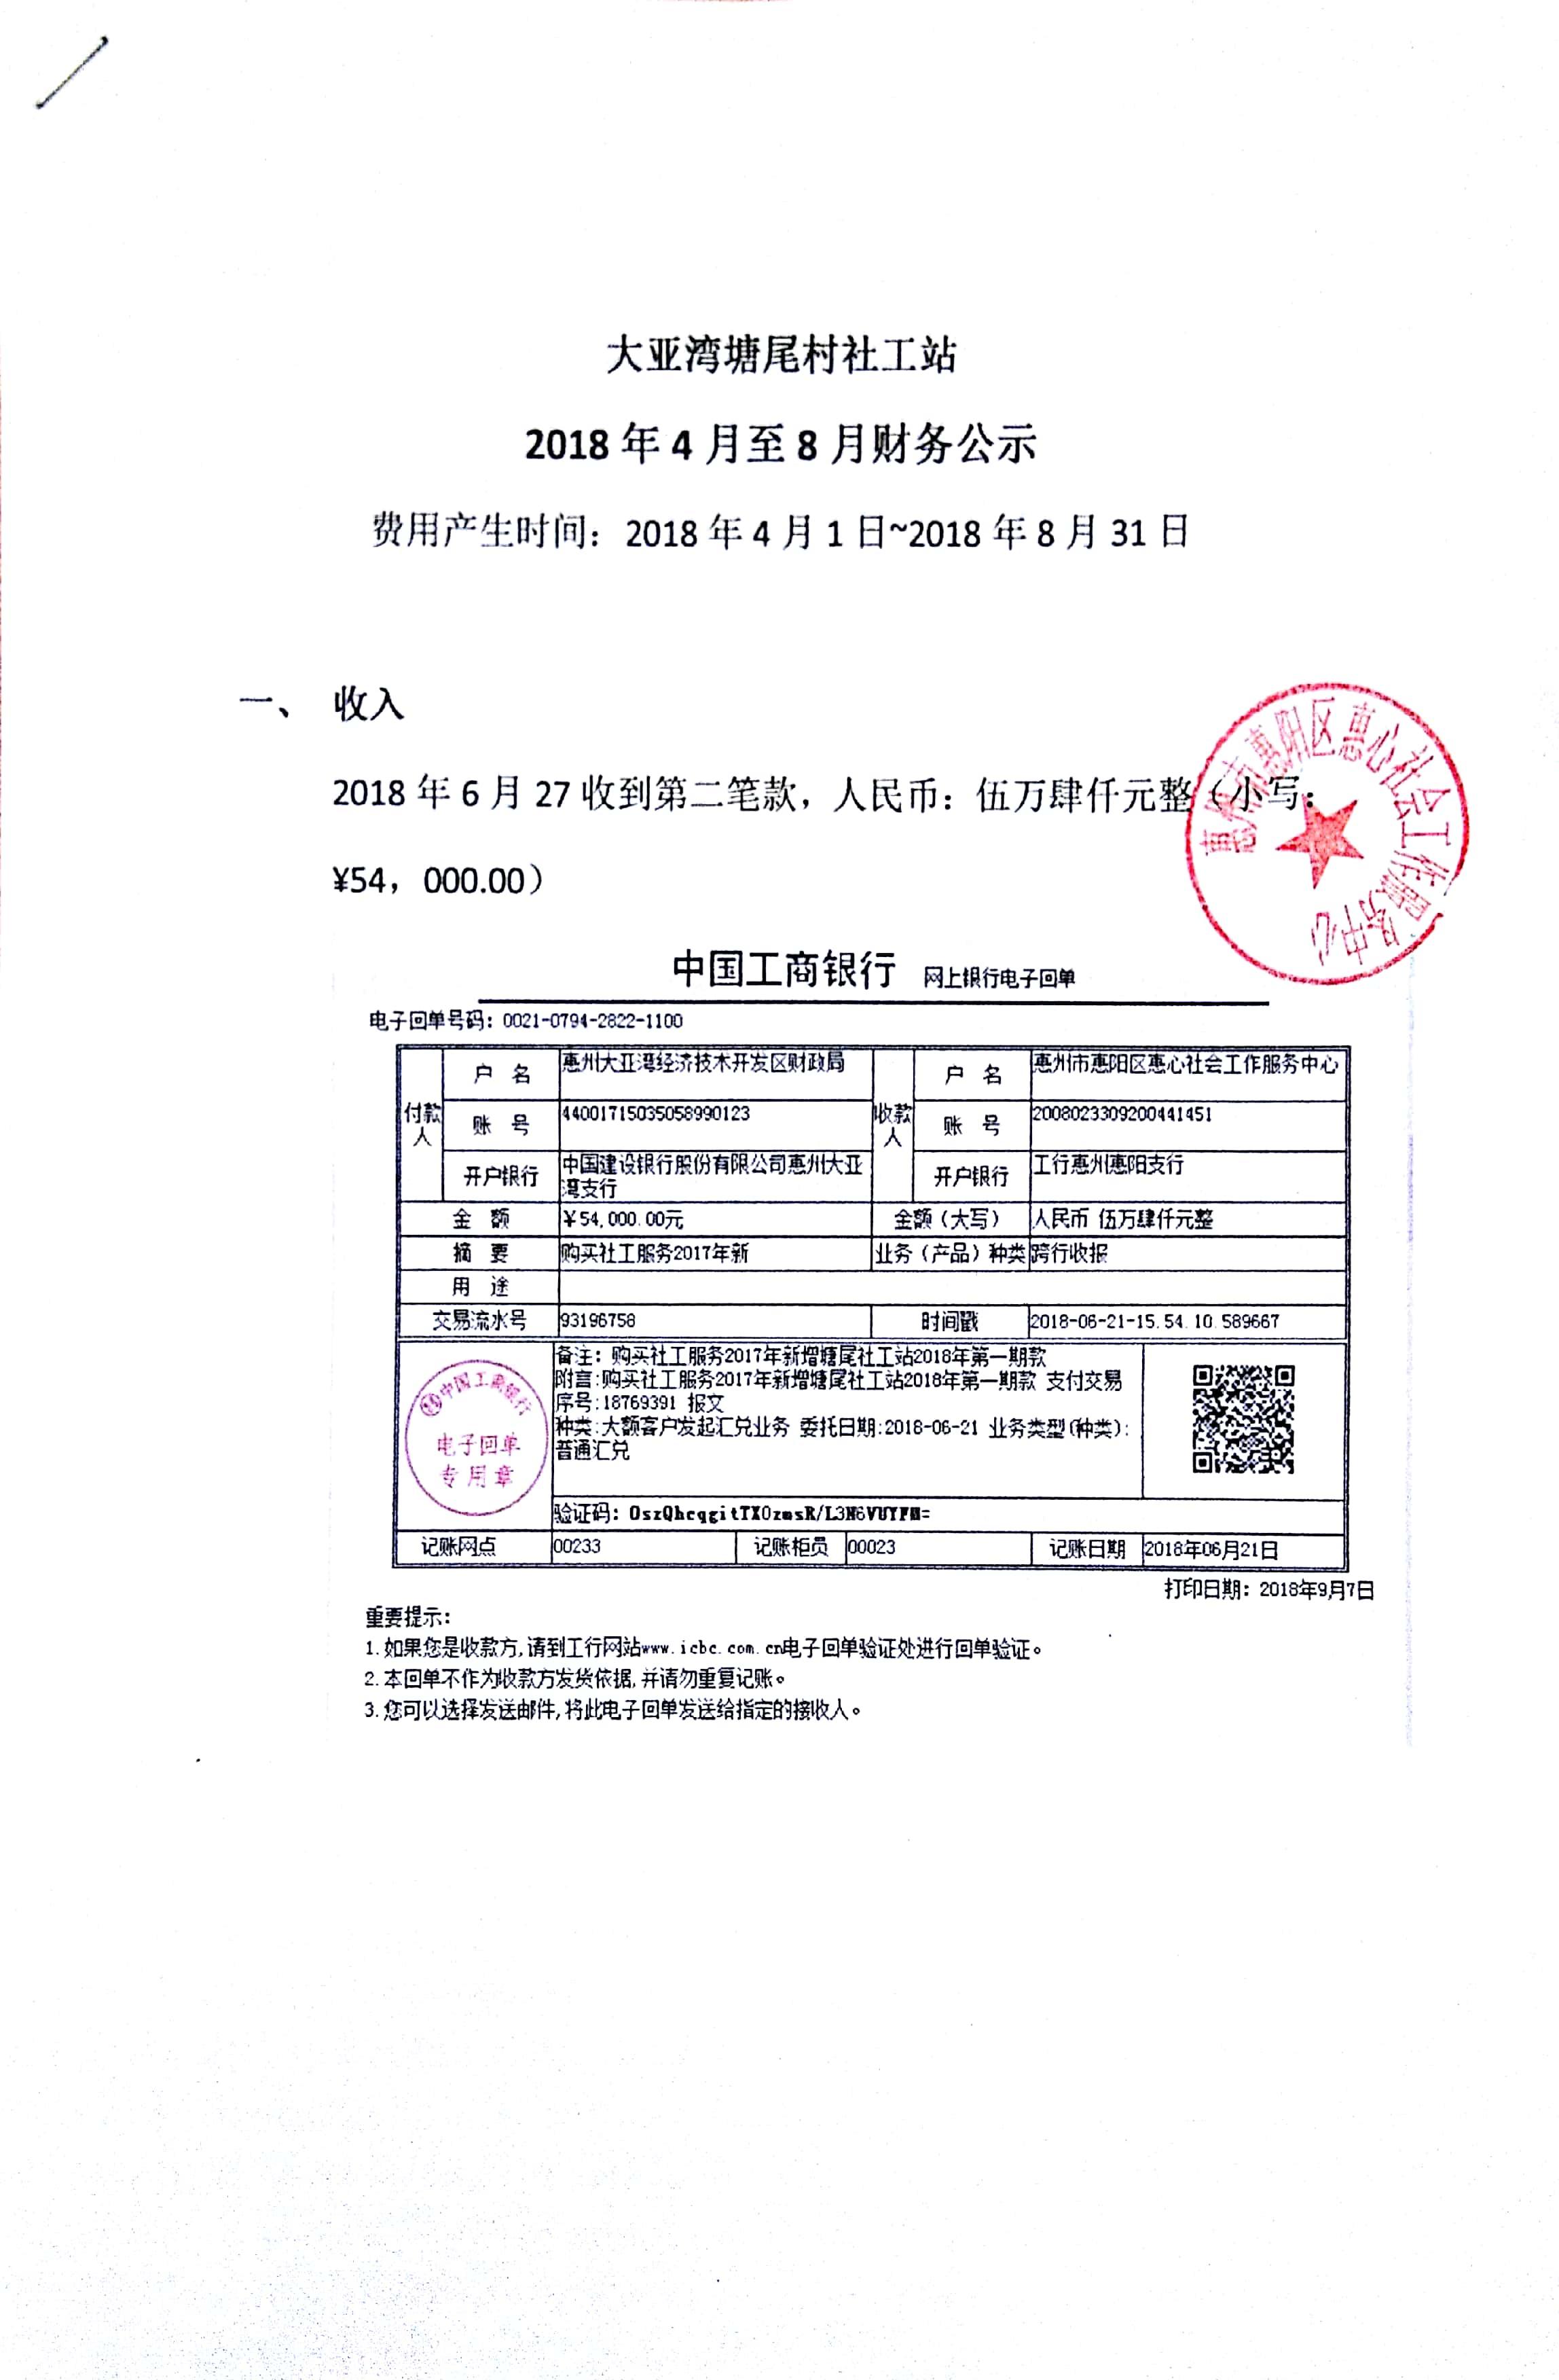 塘尾村社工站2018年4月-8月财务公示|公告栏-网赌ag作弊器|官网